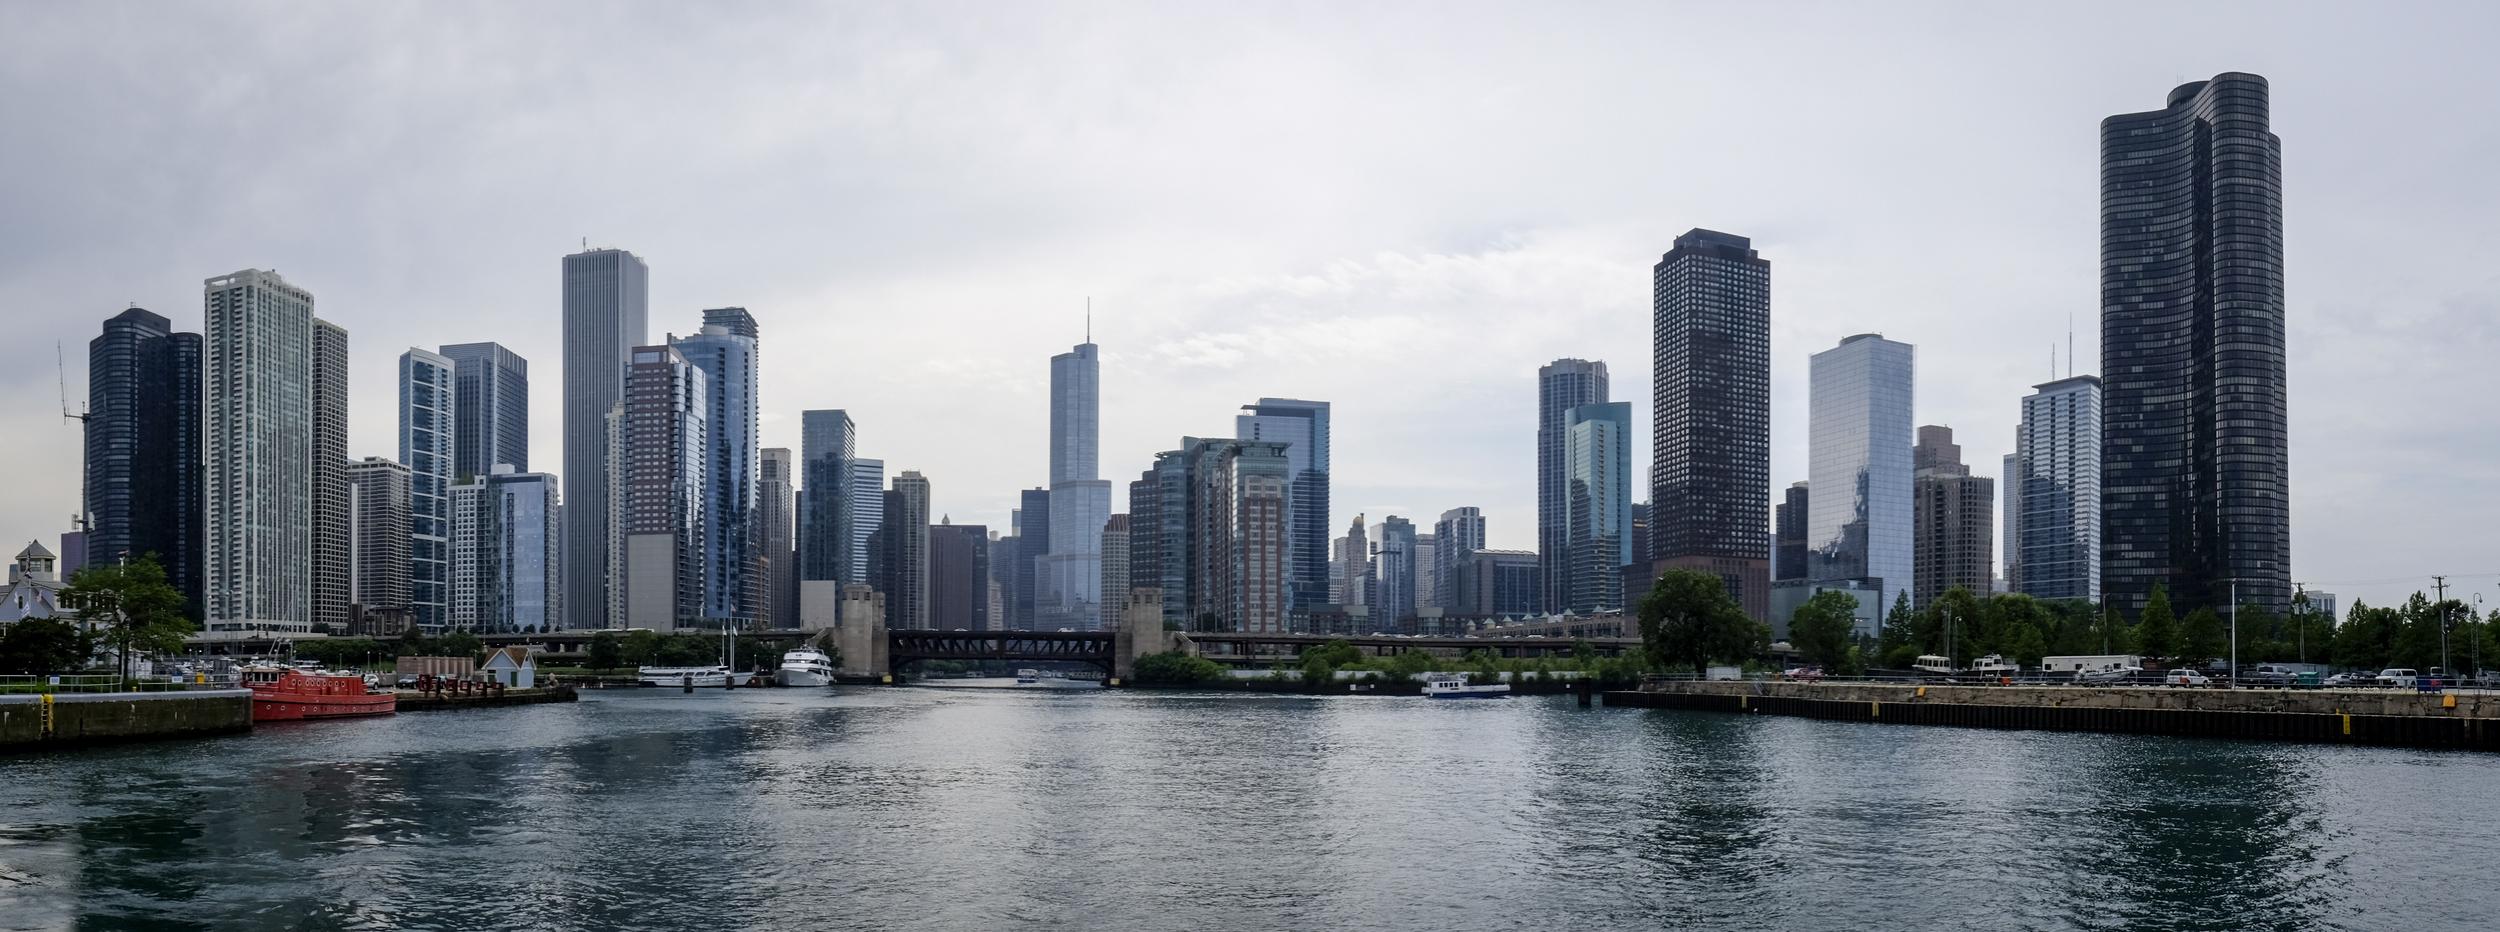 Chicago-15.jpg